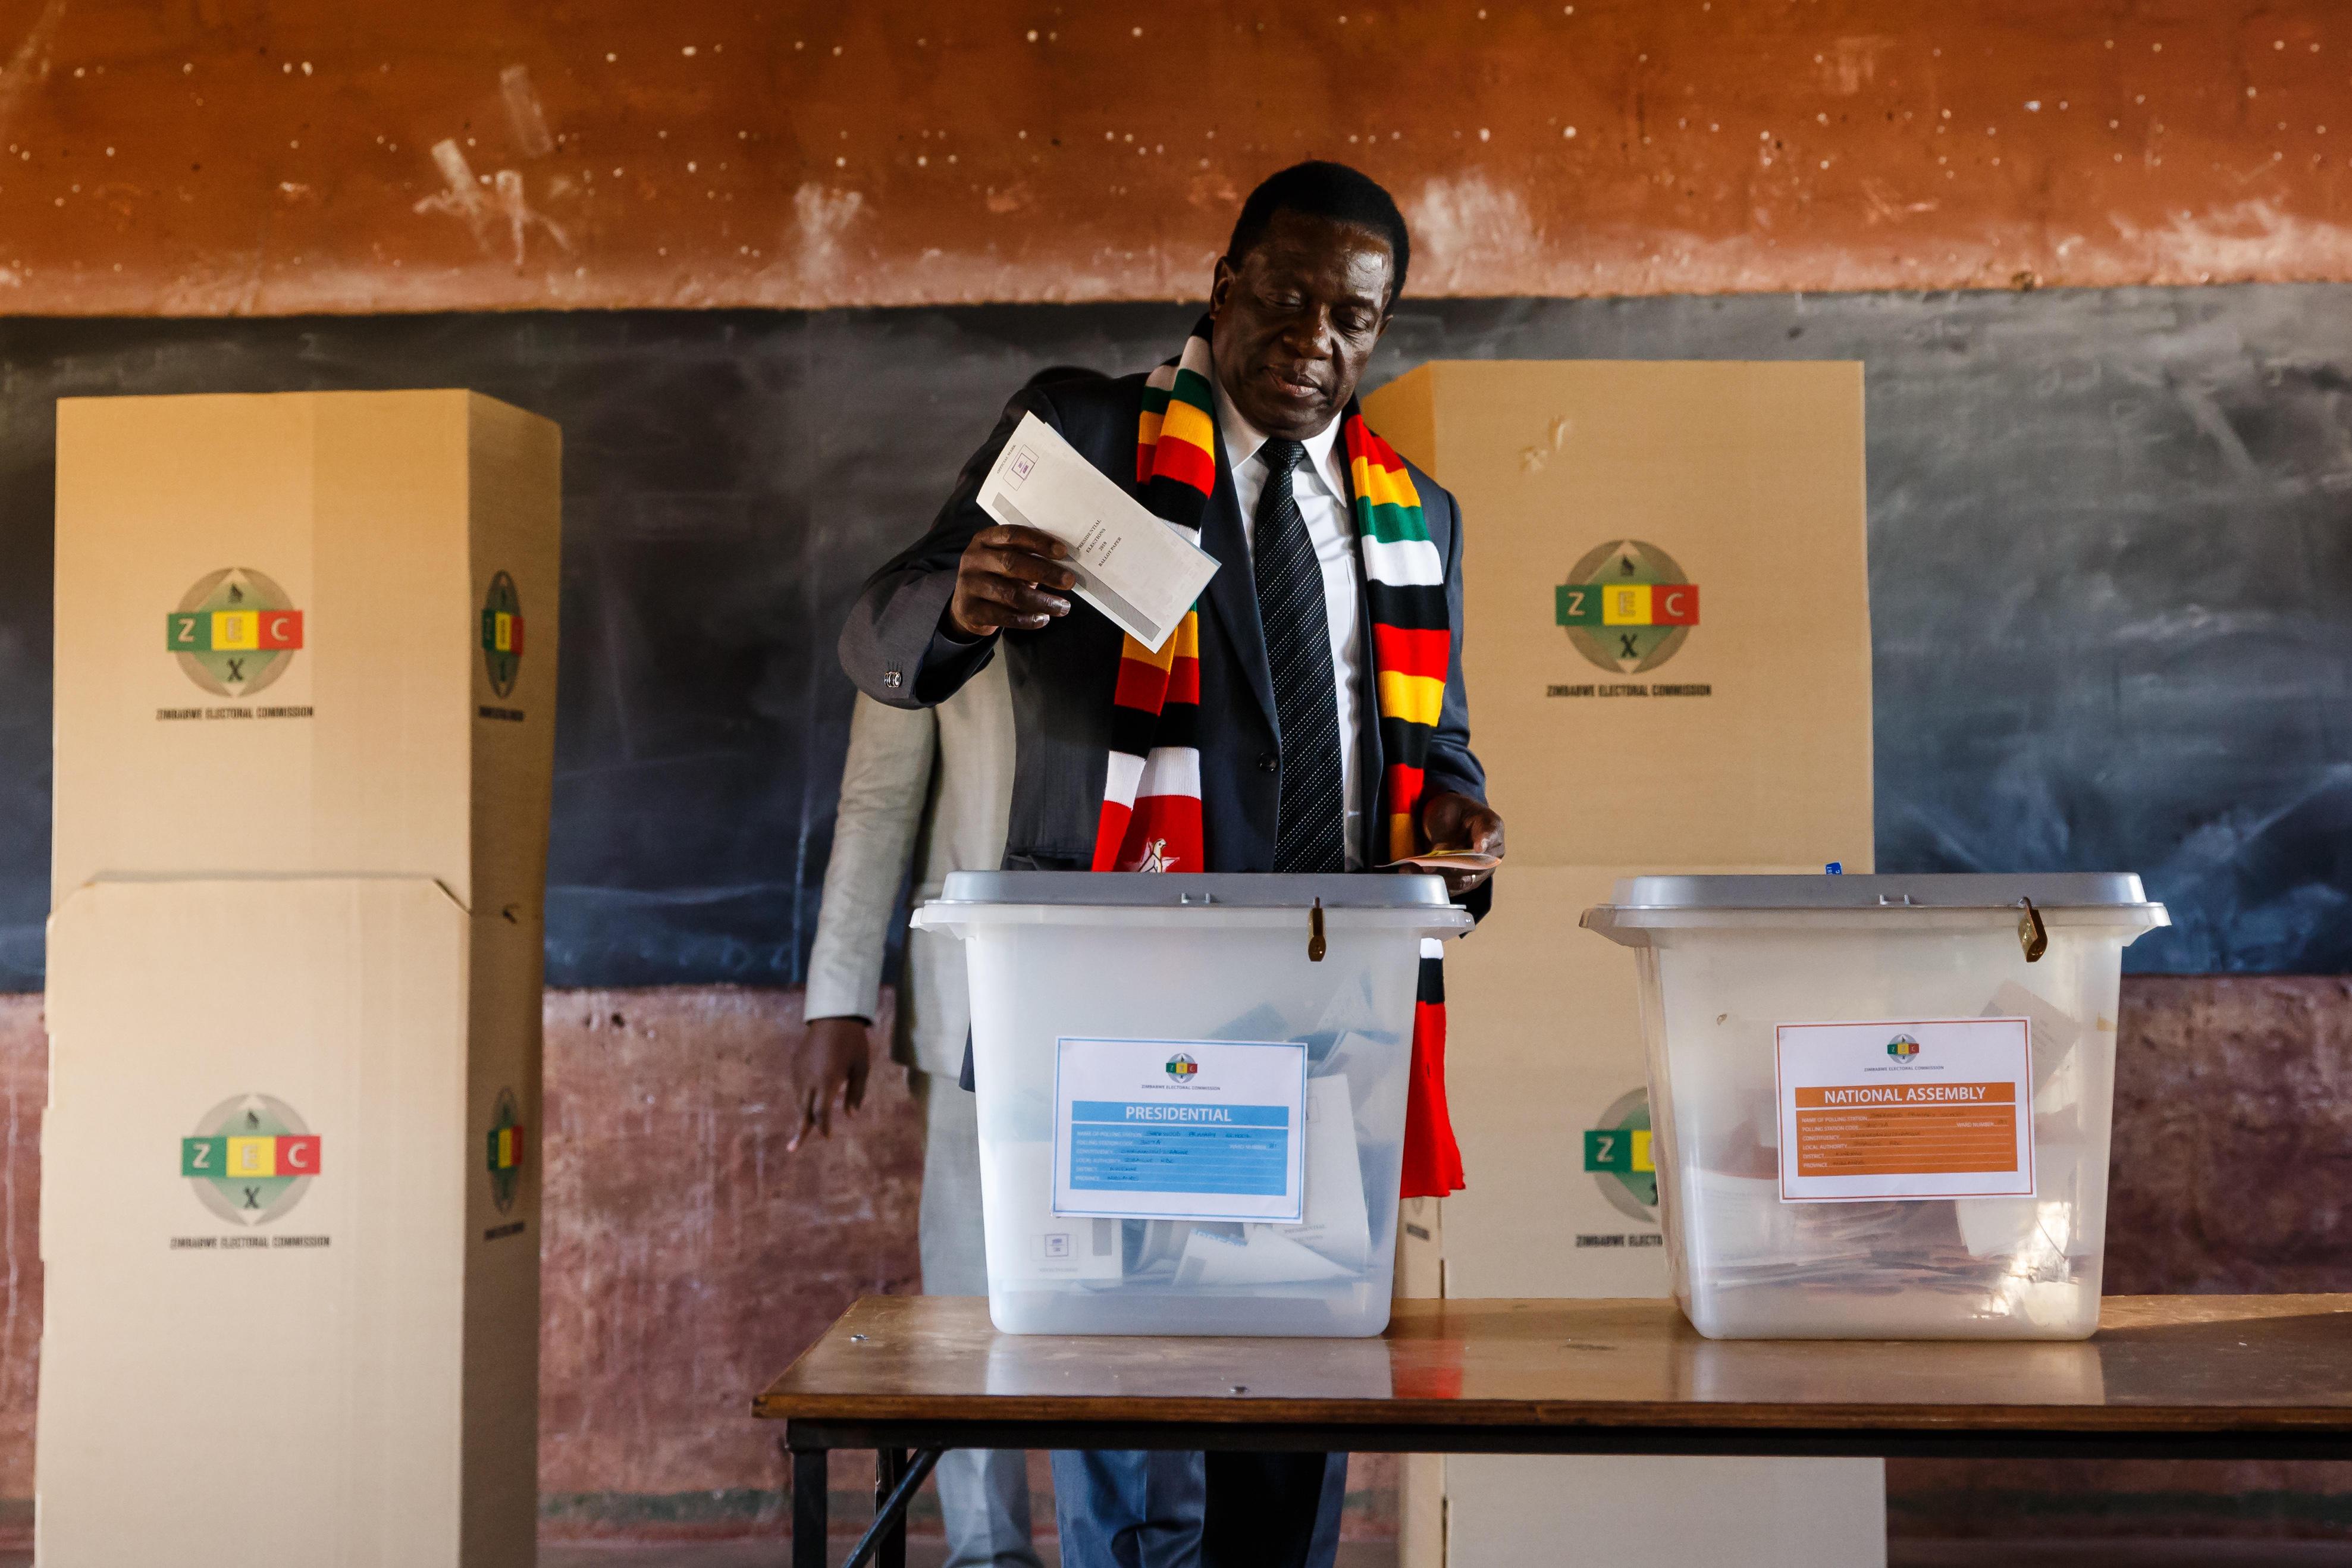 zimbabwe election in post robert mugabe era sees emmerson mnangagwa